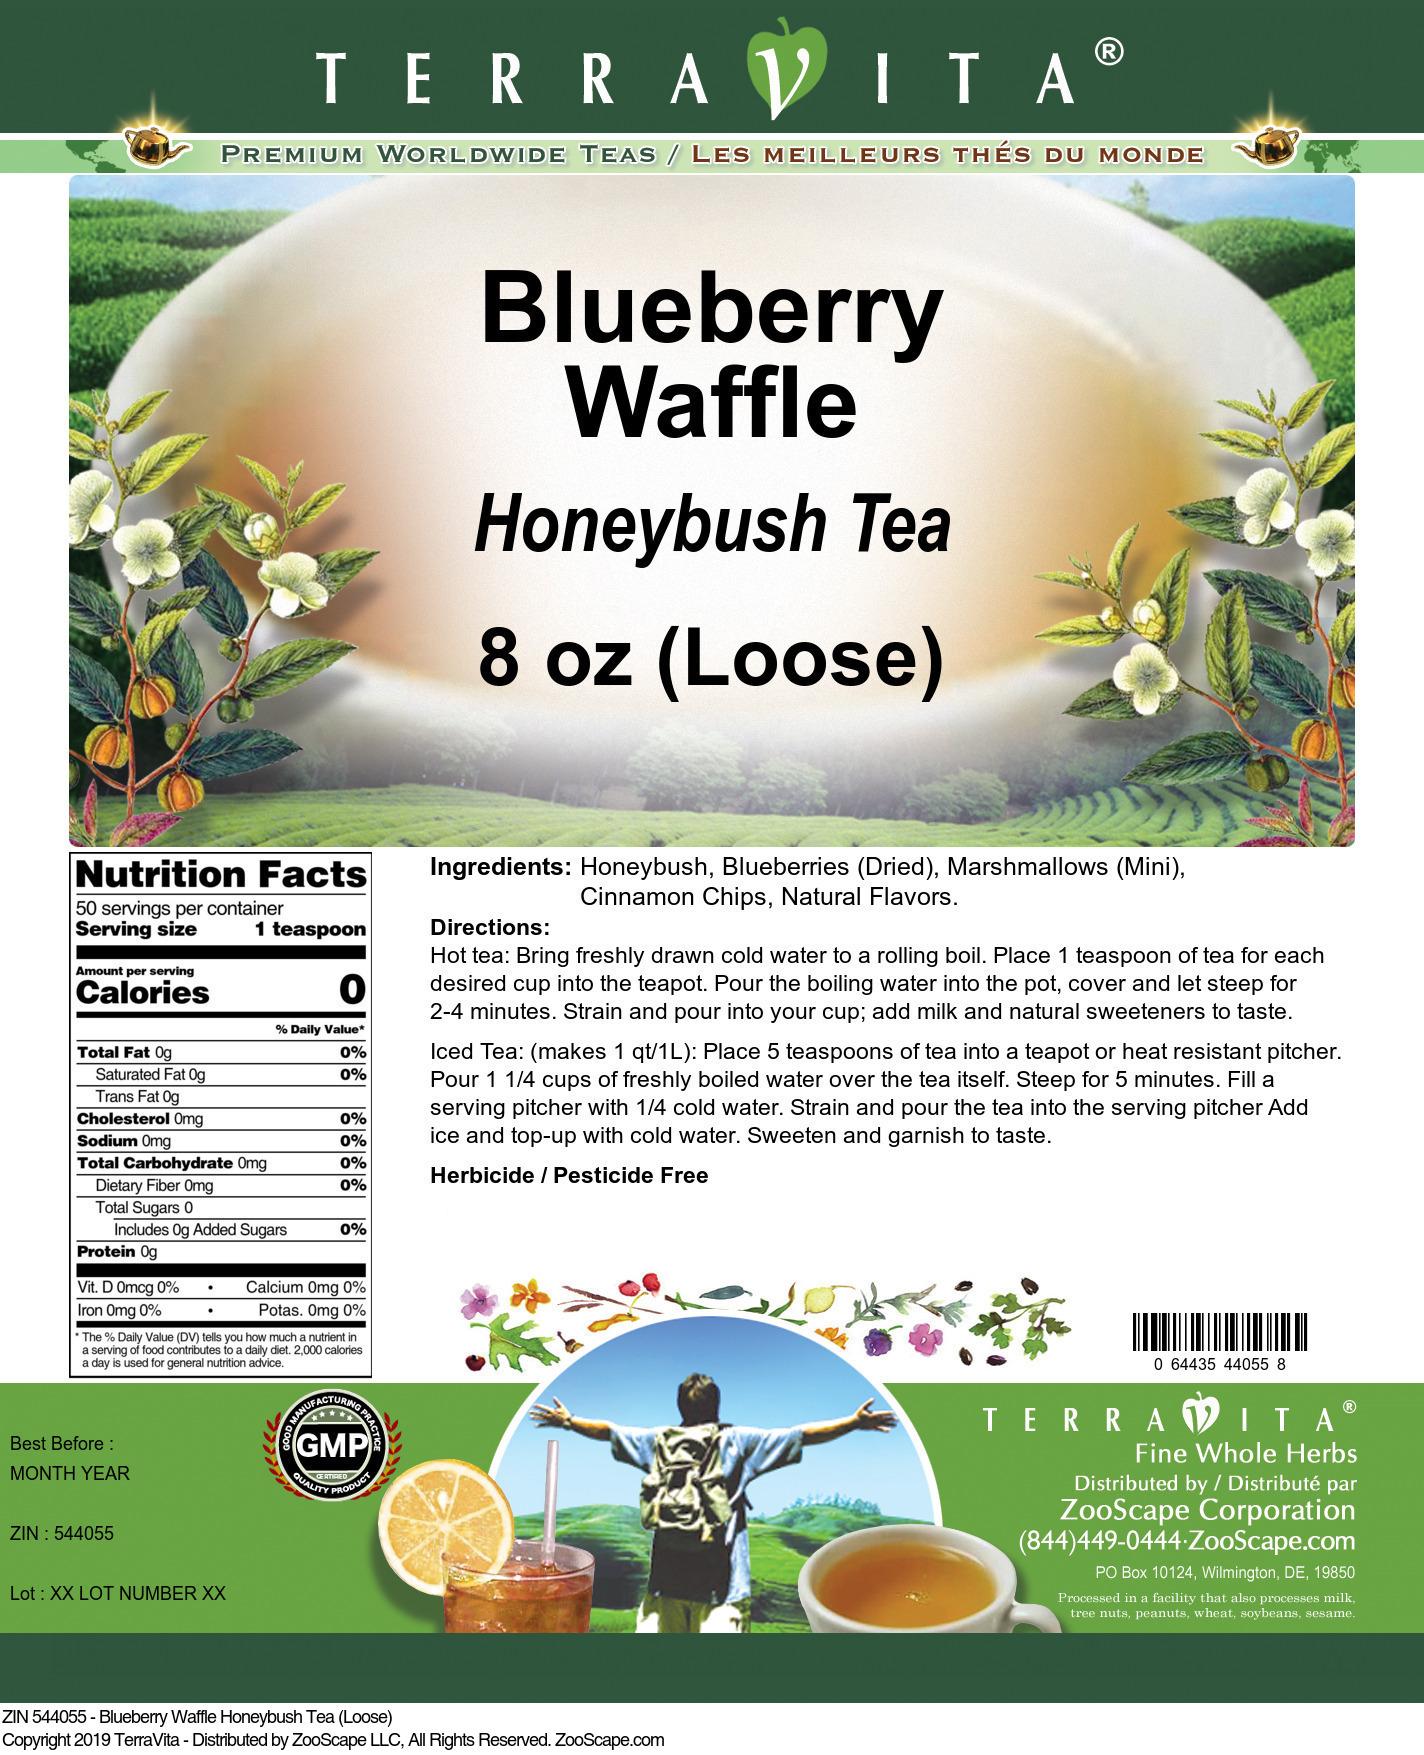 Blueberry Waffle Honeybush Tea